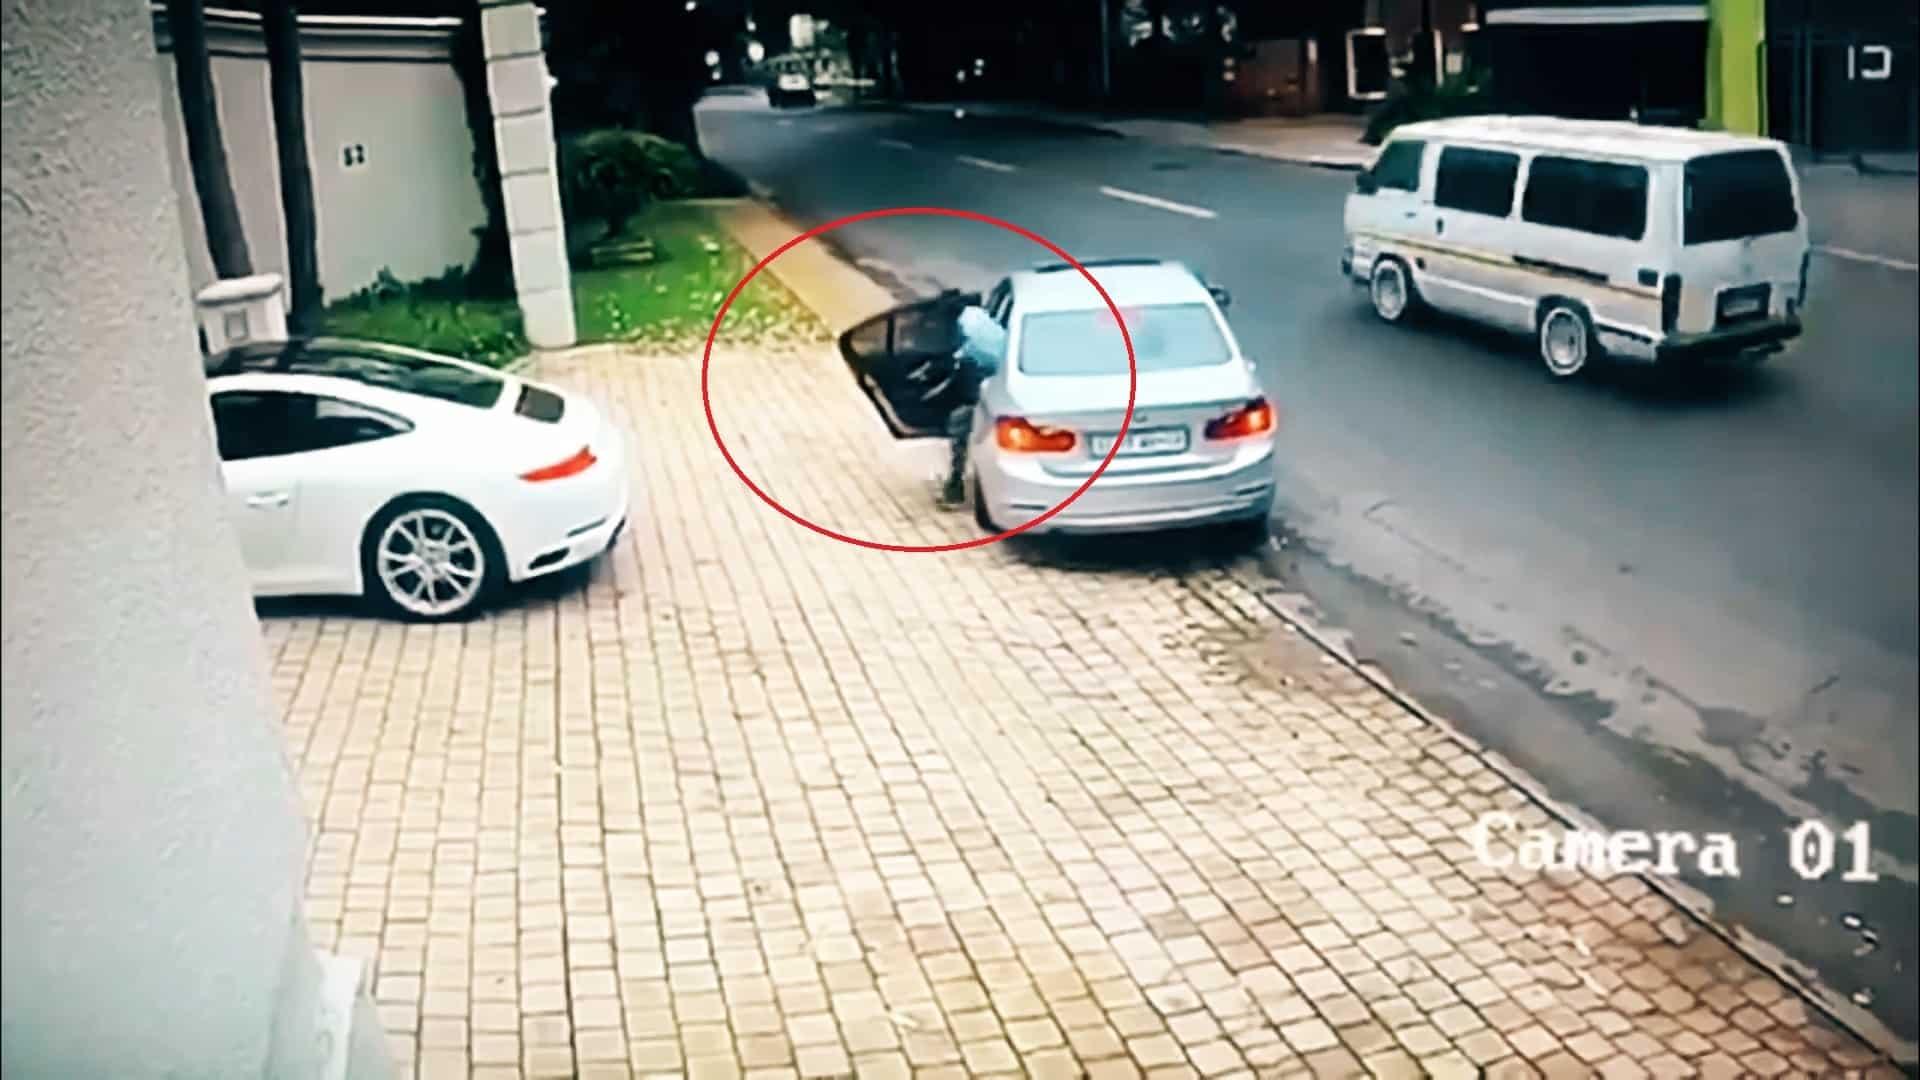 #Video Le intentan robar el coche y esto es lo que hace 11